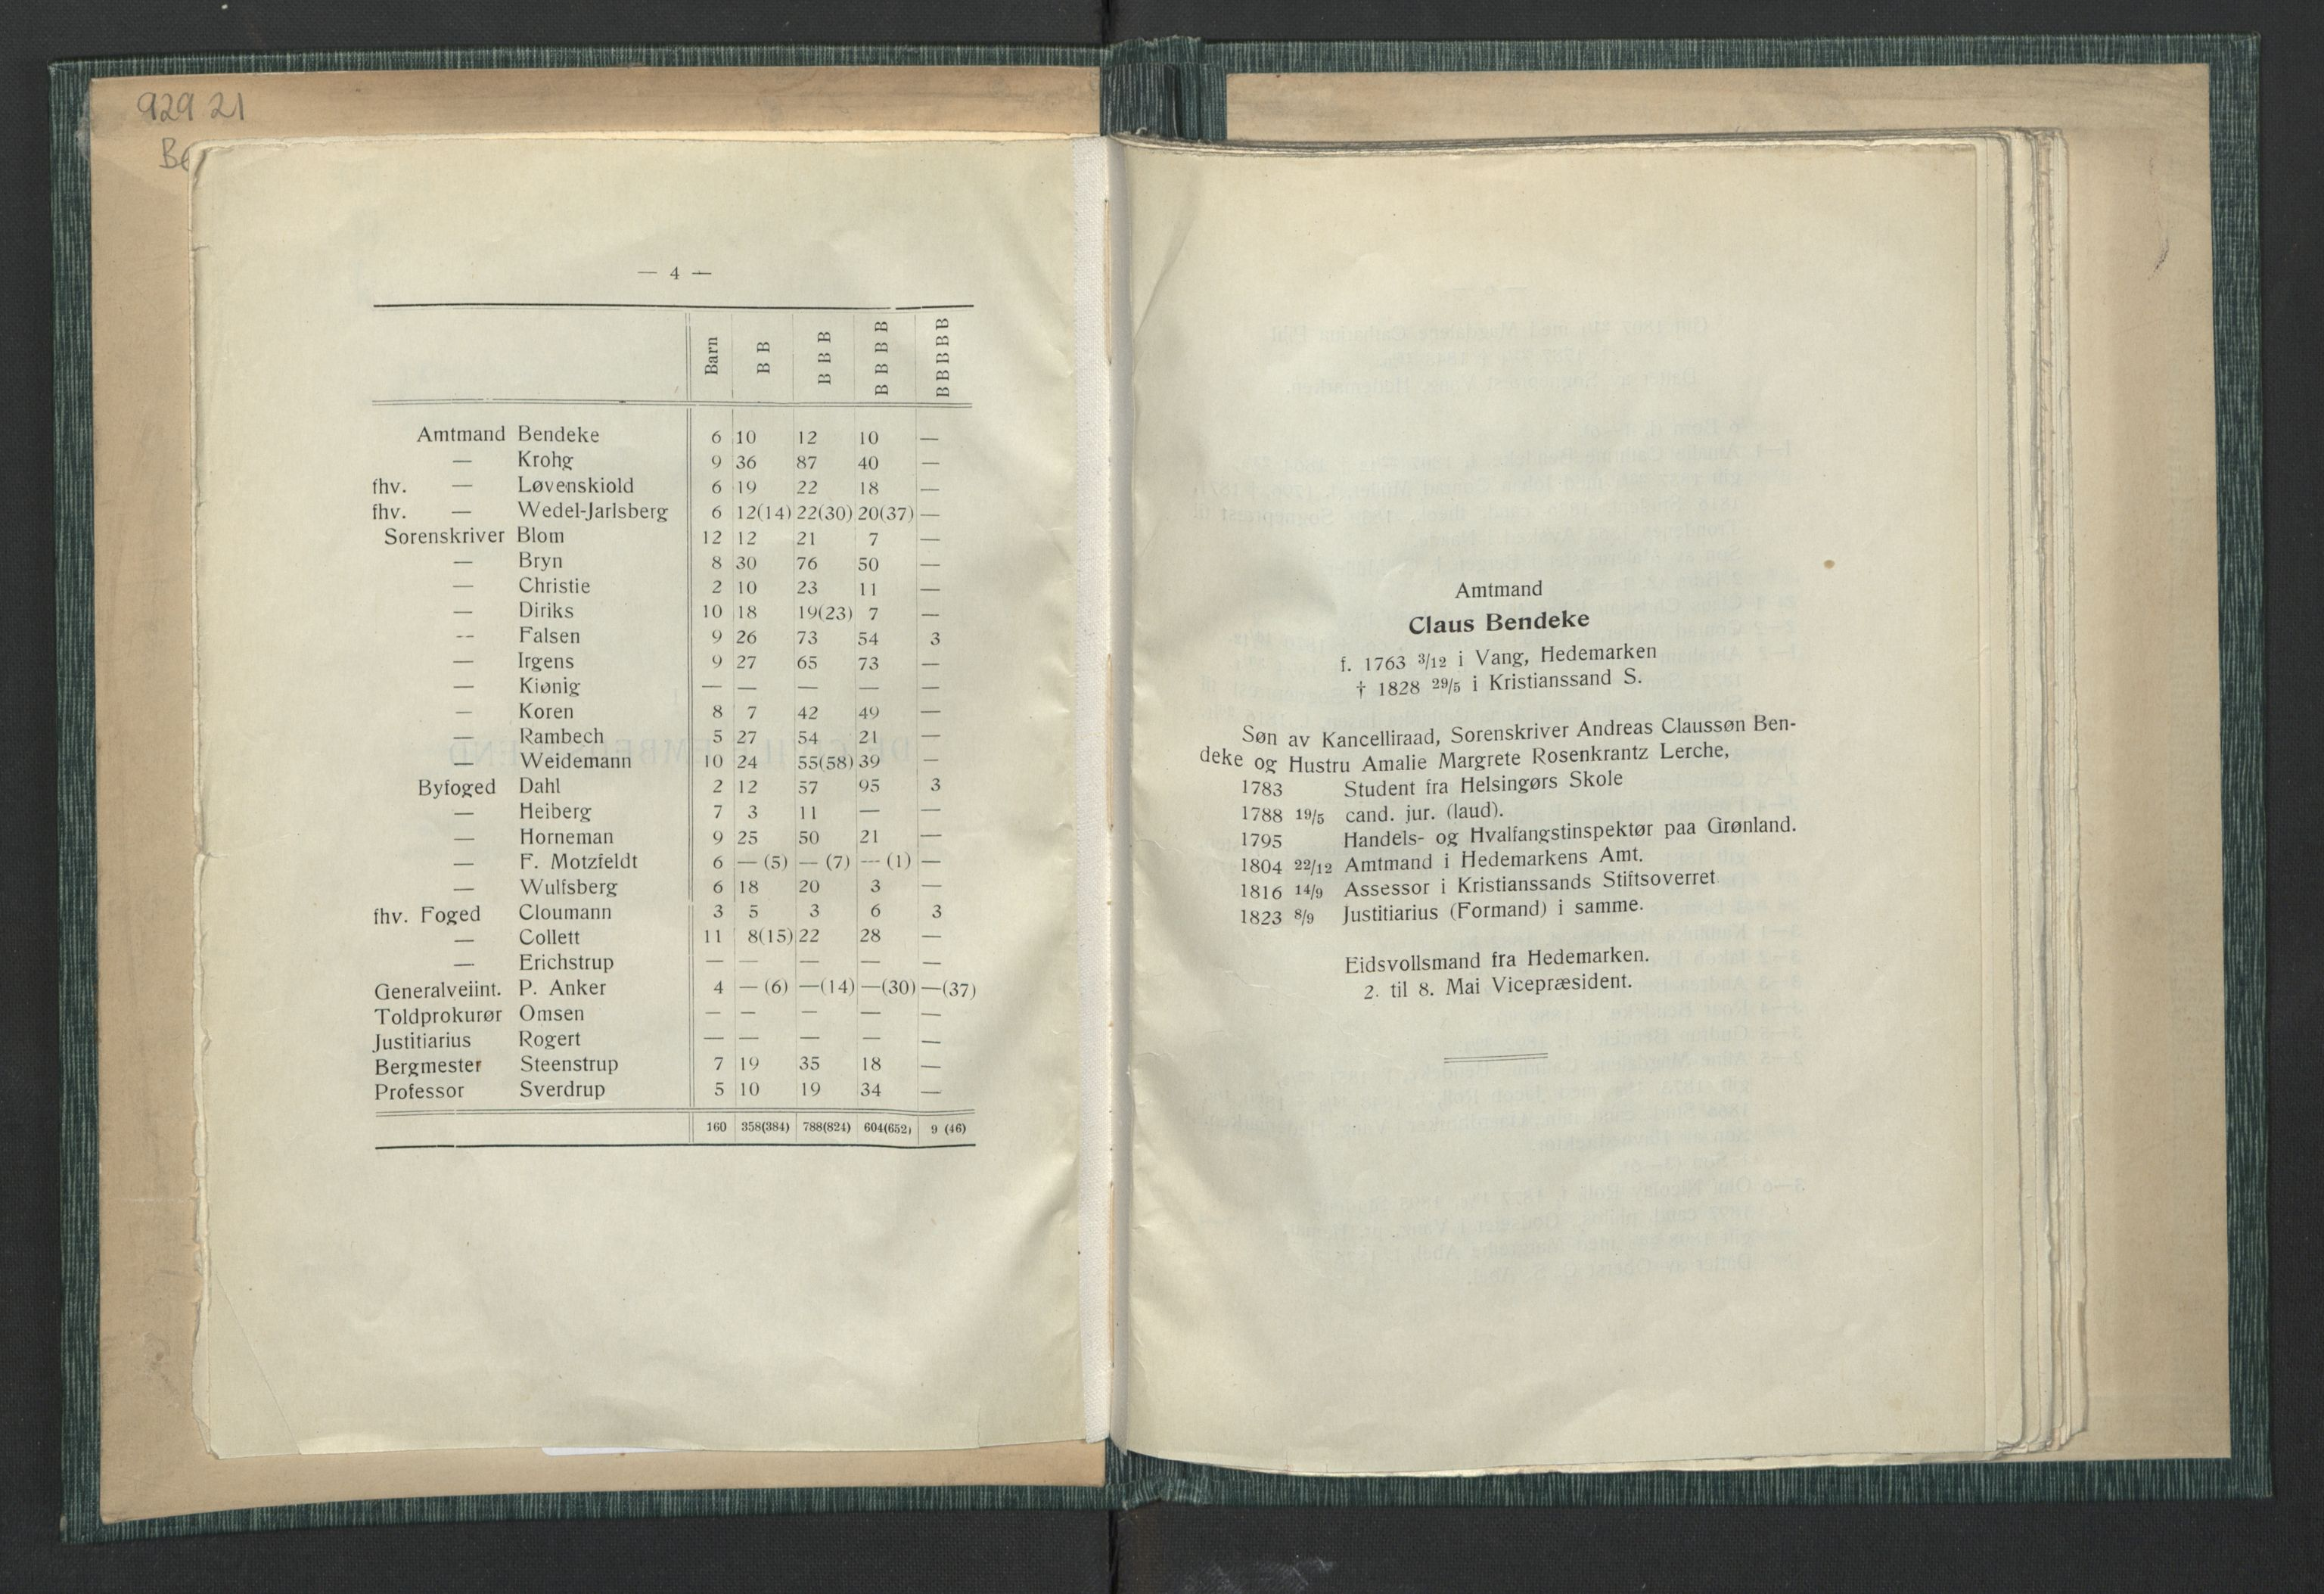 RA, Publikasjoner*, 1914, s. 4